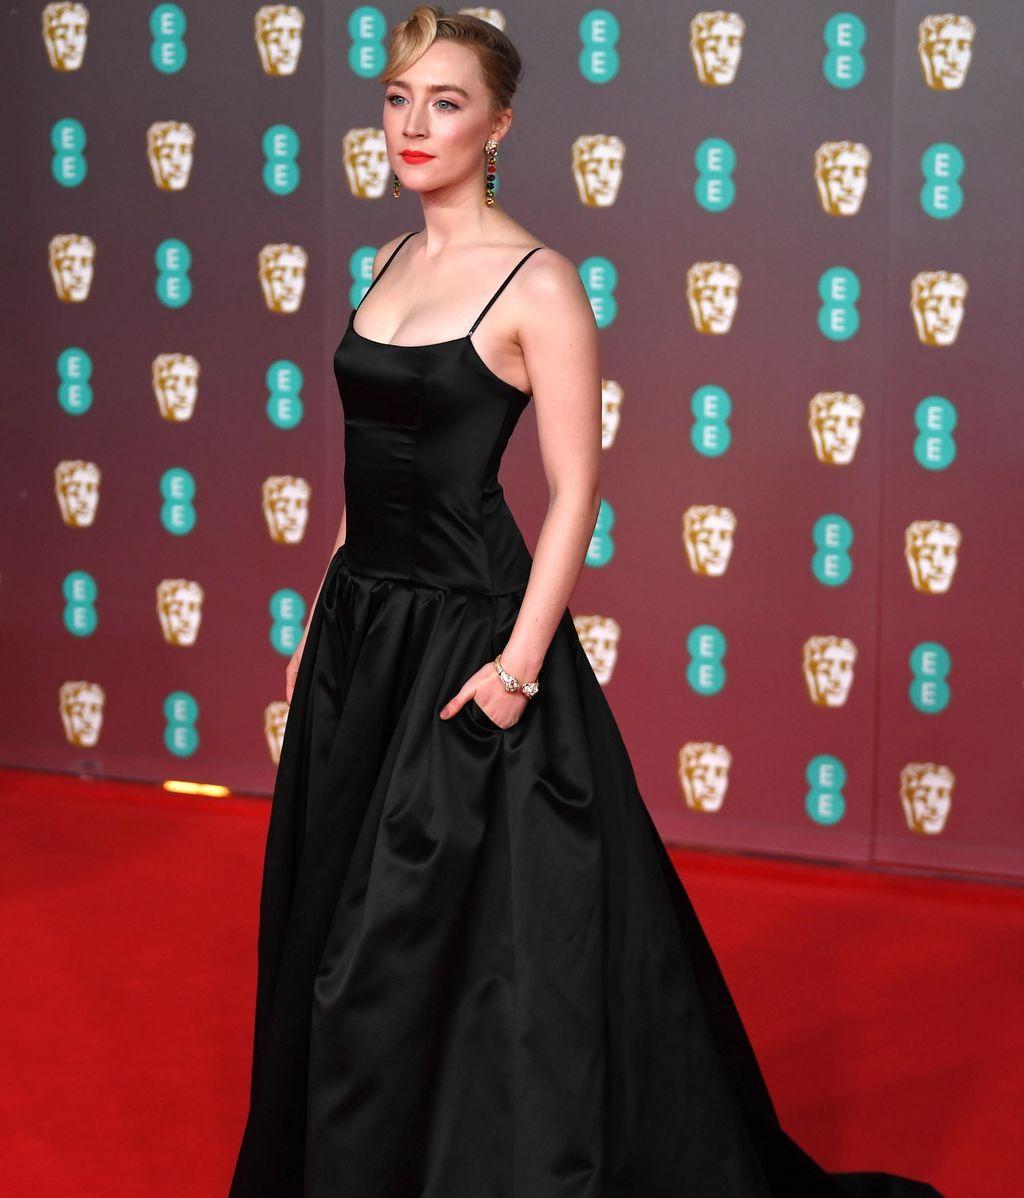 Saoirse Ronan en la alfombra roja de los Premios Bafta 2019